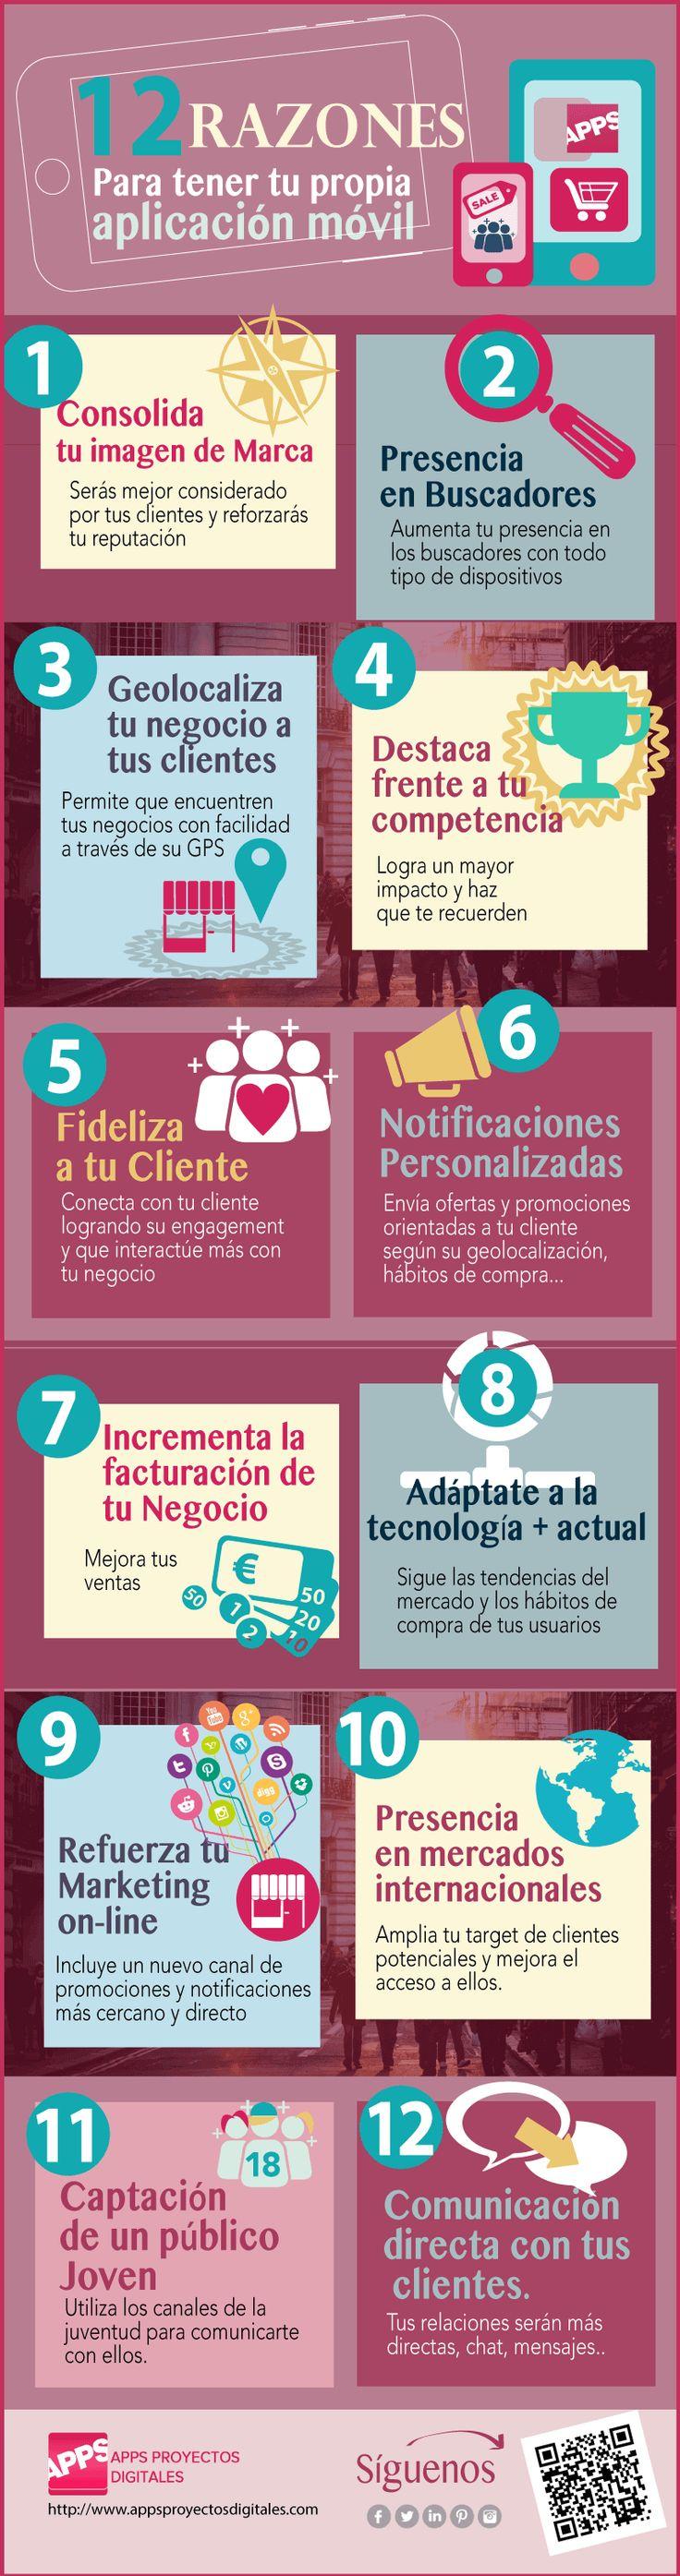 12 razones para tener una aplicación móvil en tu empresa